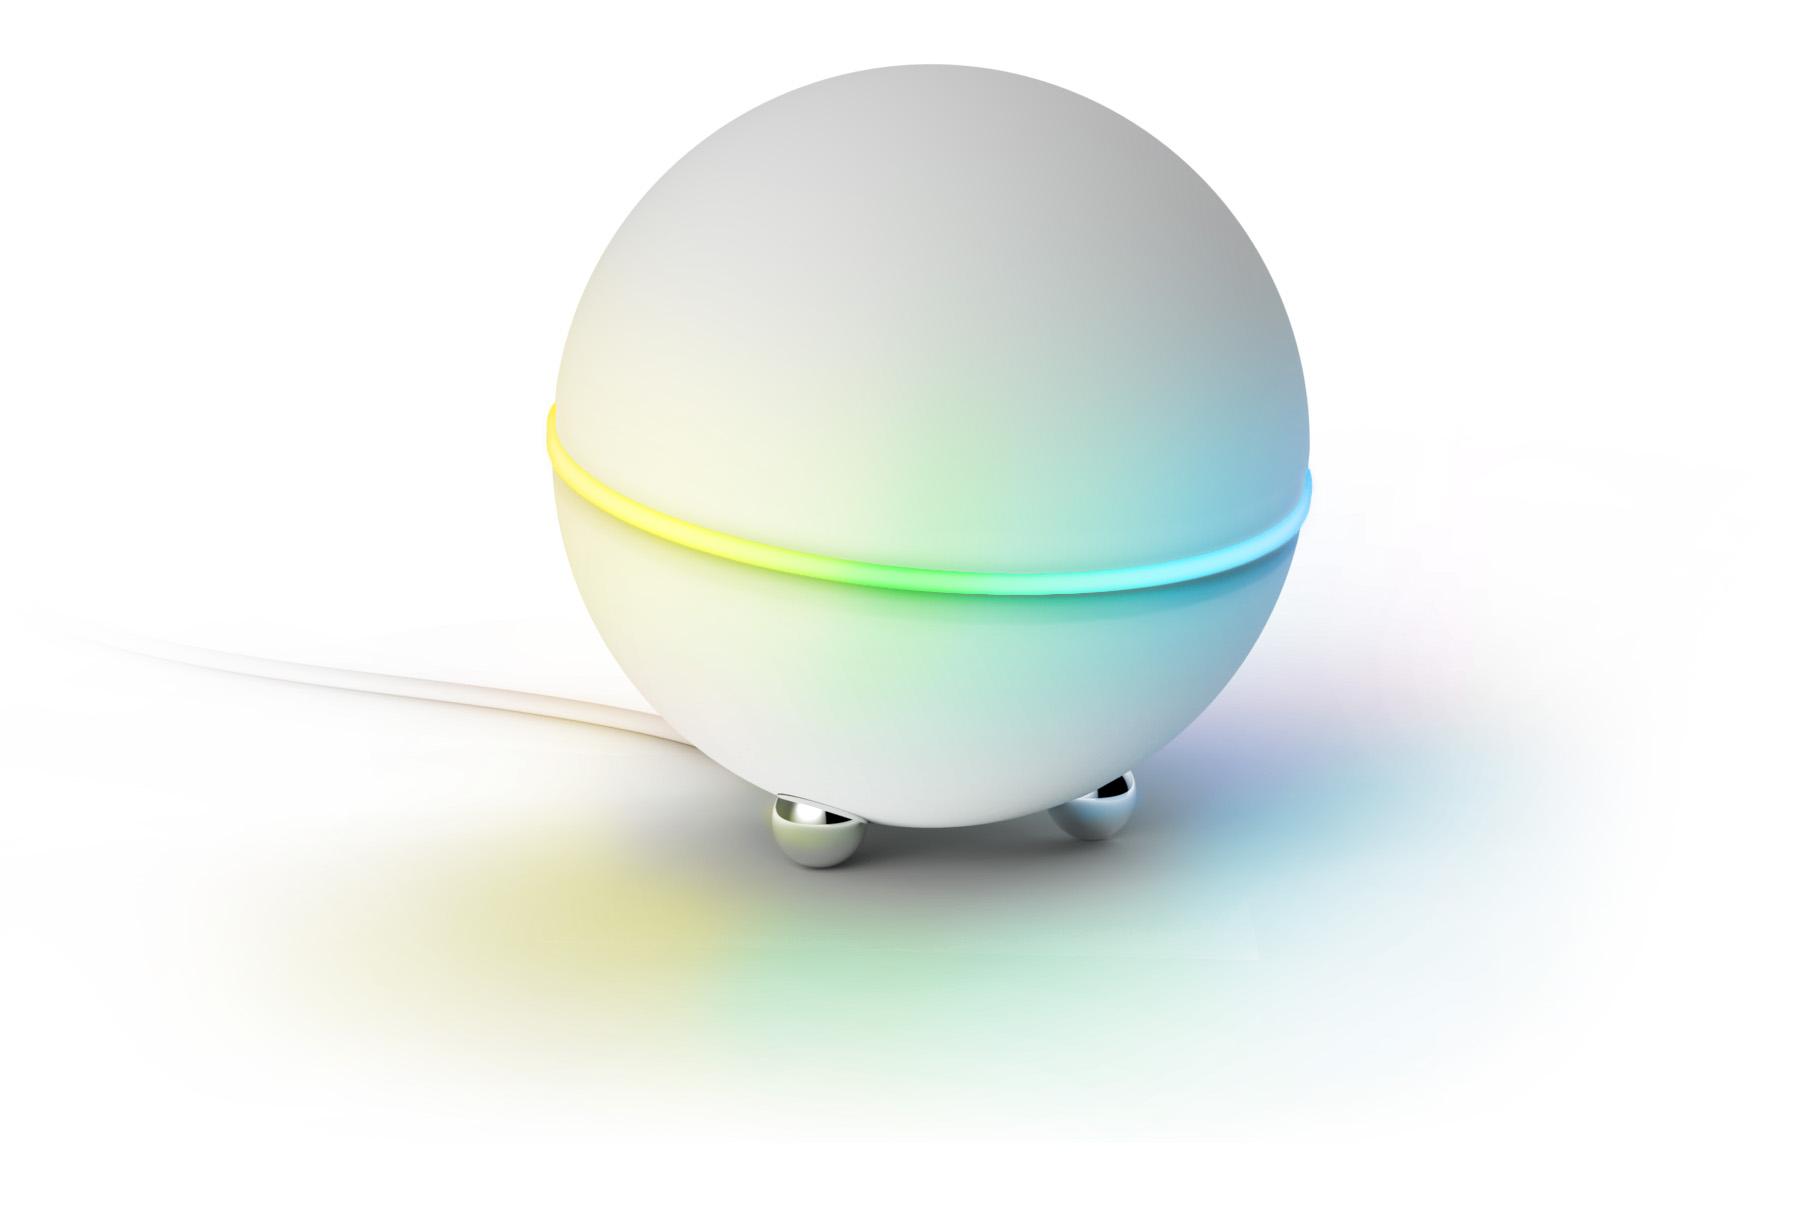 Homey V2 – Athoms mobilanpassade, smarta hemsystem har flera magiska krafter och kan även signalera med ljus.